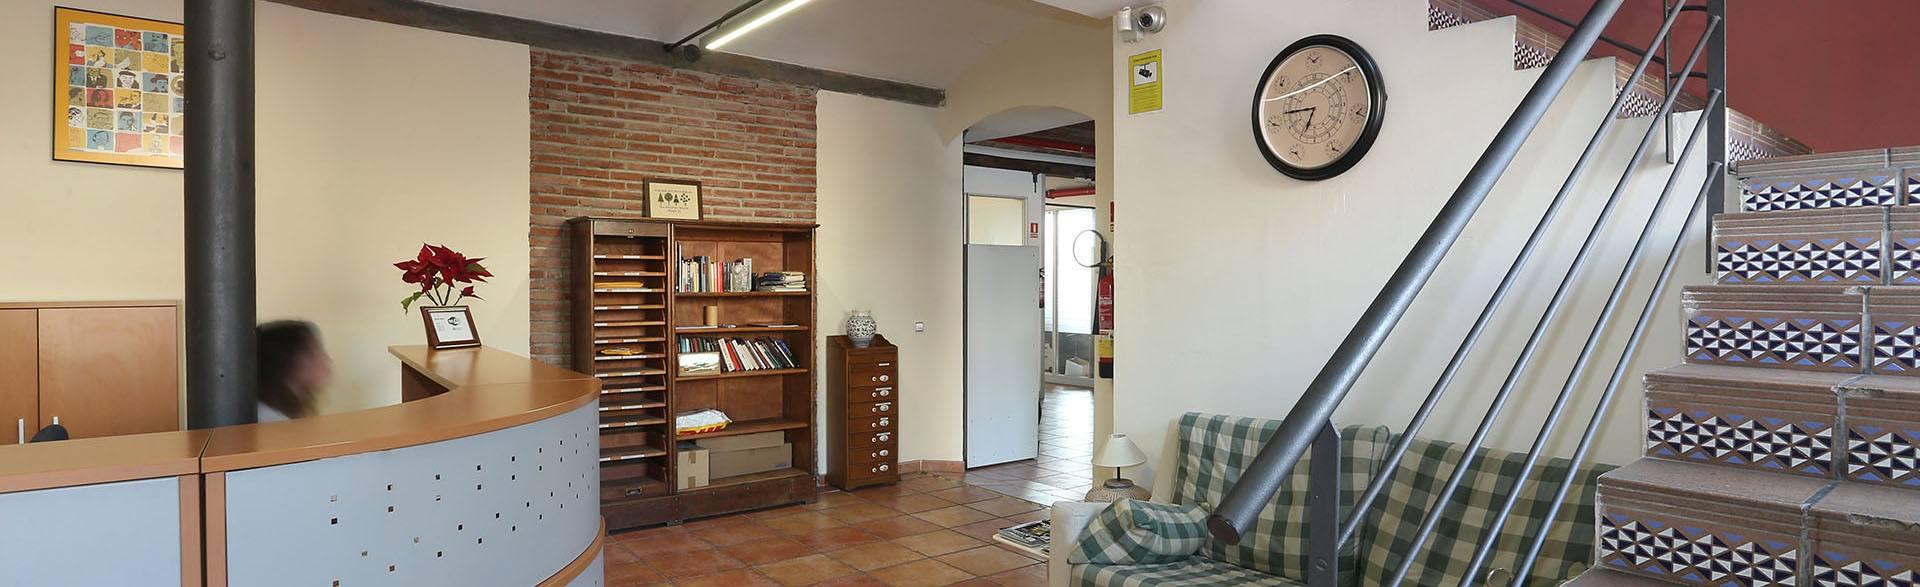 Servicio de oficina virtual barcelona ceneco centro de for Telefonica oficina virtual